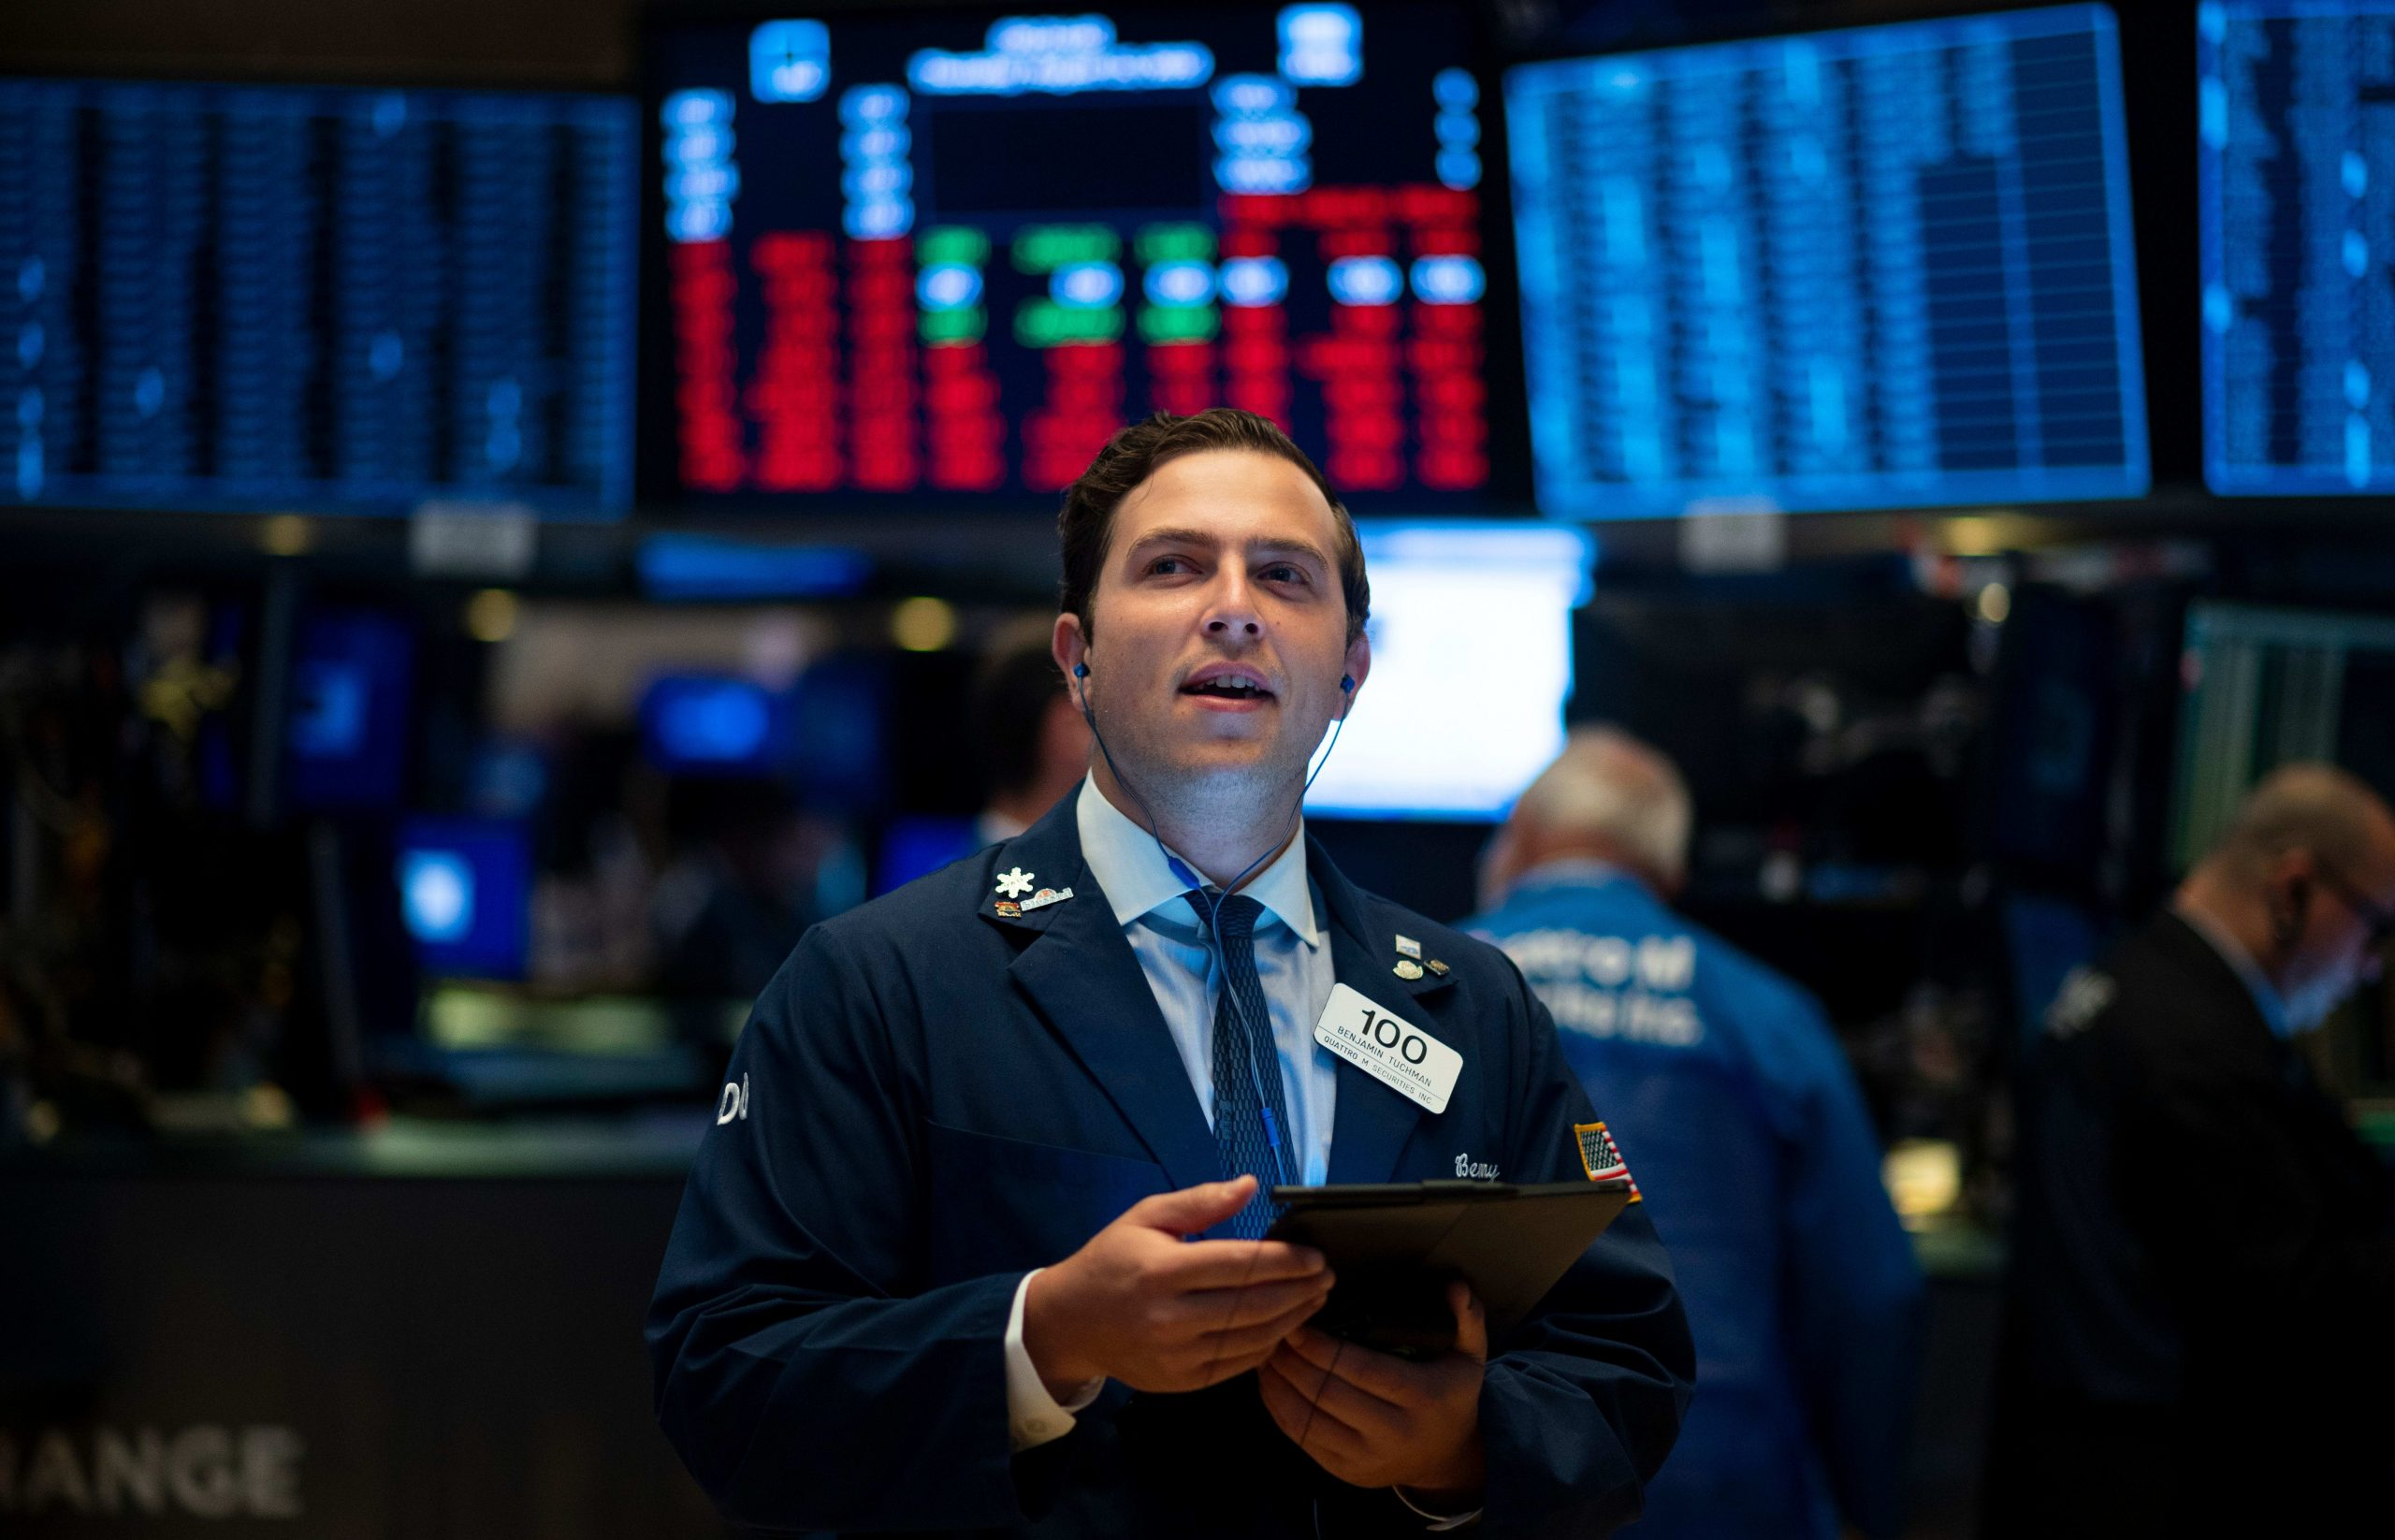 Международные фондовые рынки: Что стоит за беспрецедентным ростом GameStop, AMC, Nokia